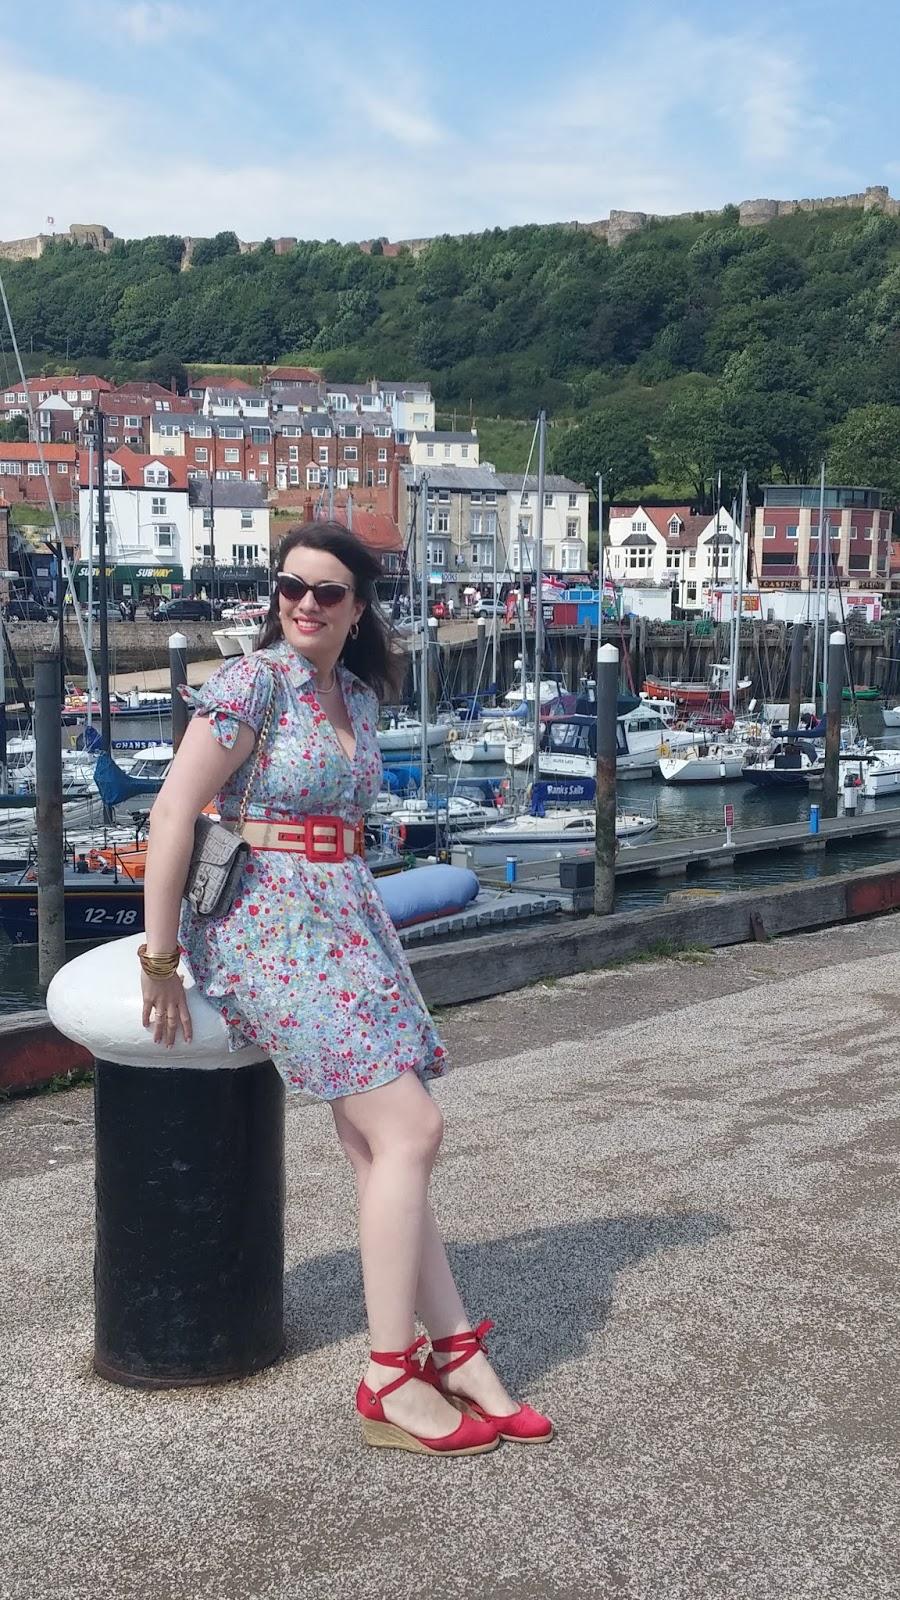 designer handbag outfit